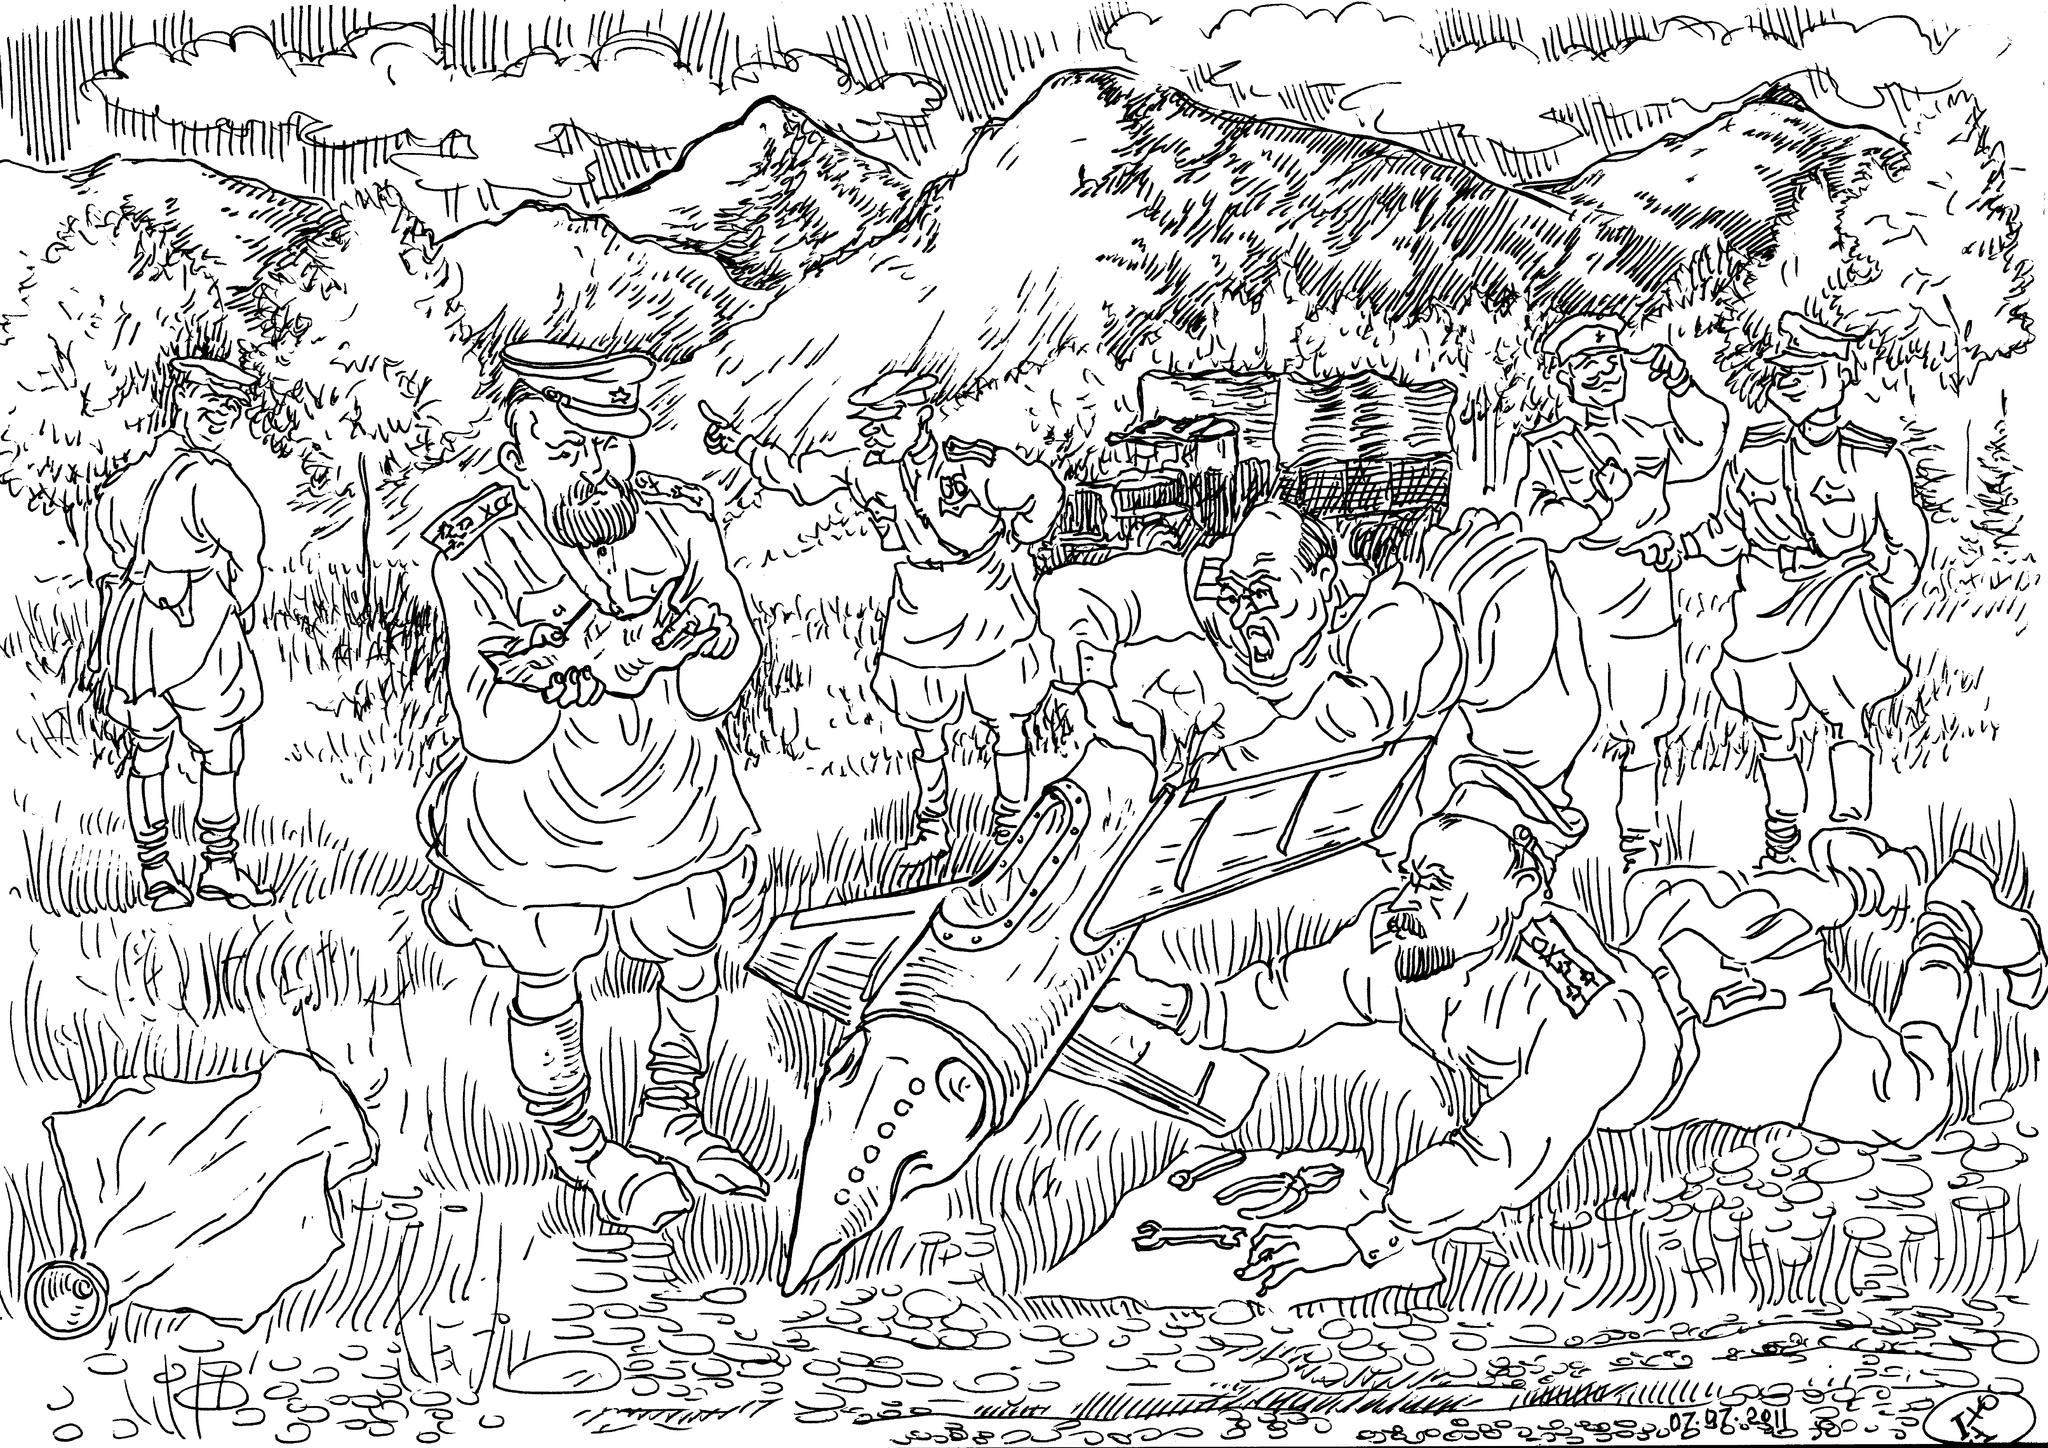 Обломки немецких ракет, попавшие в руки военучёных, были скурпулёзно изучены, защищены диссертации, «придумано» много чего интересного